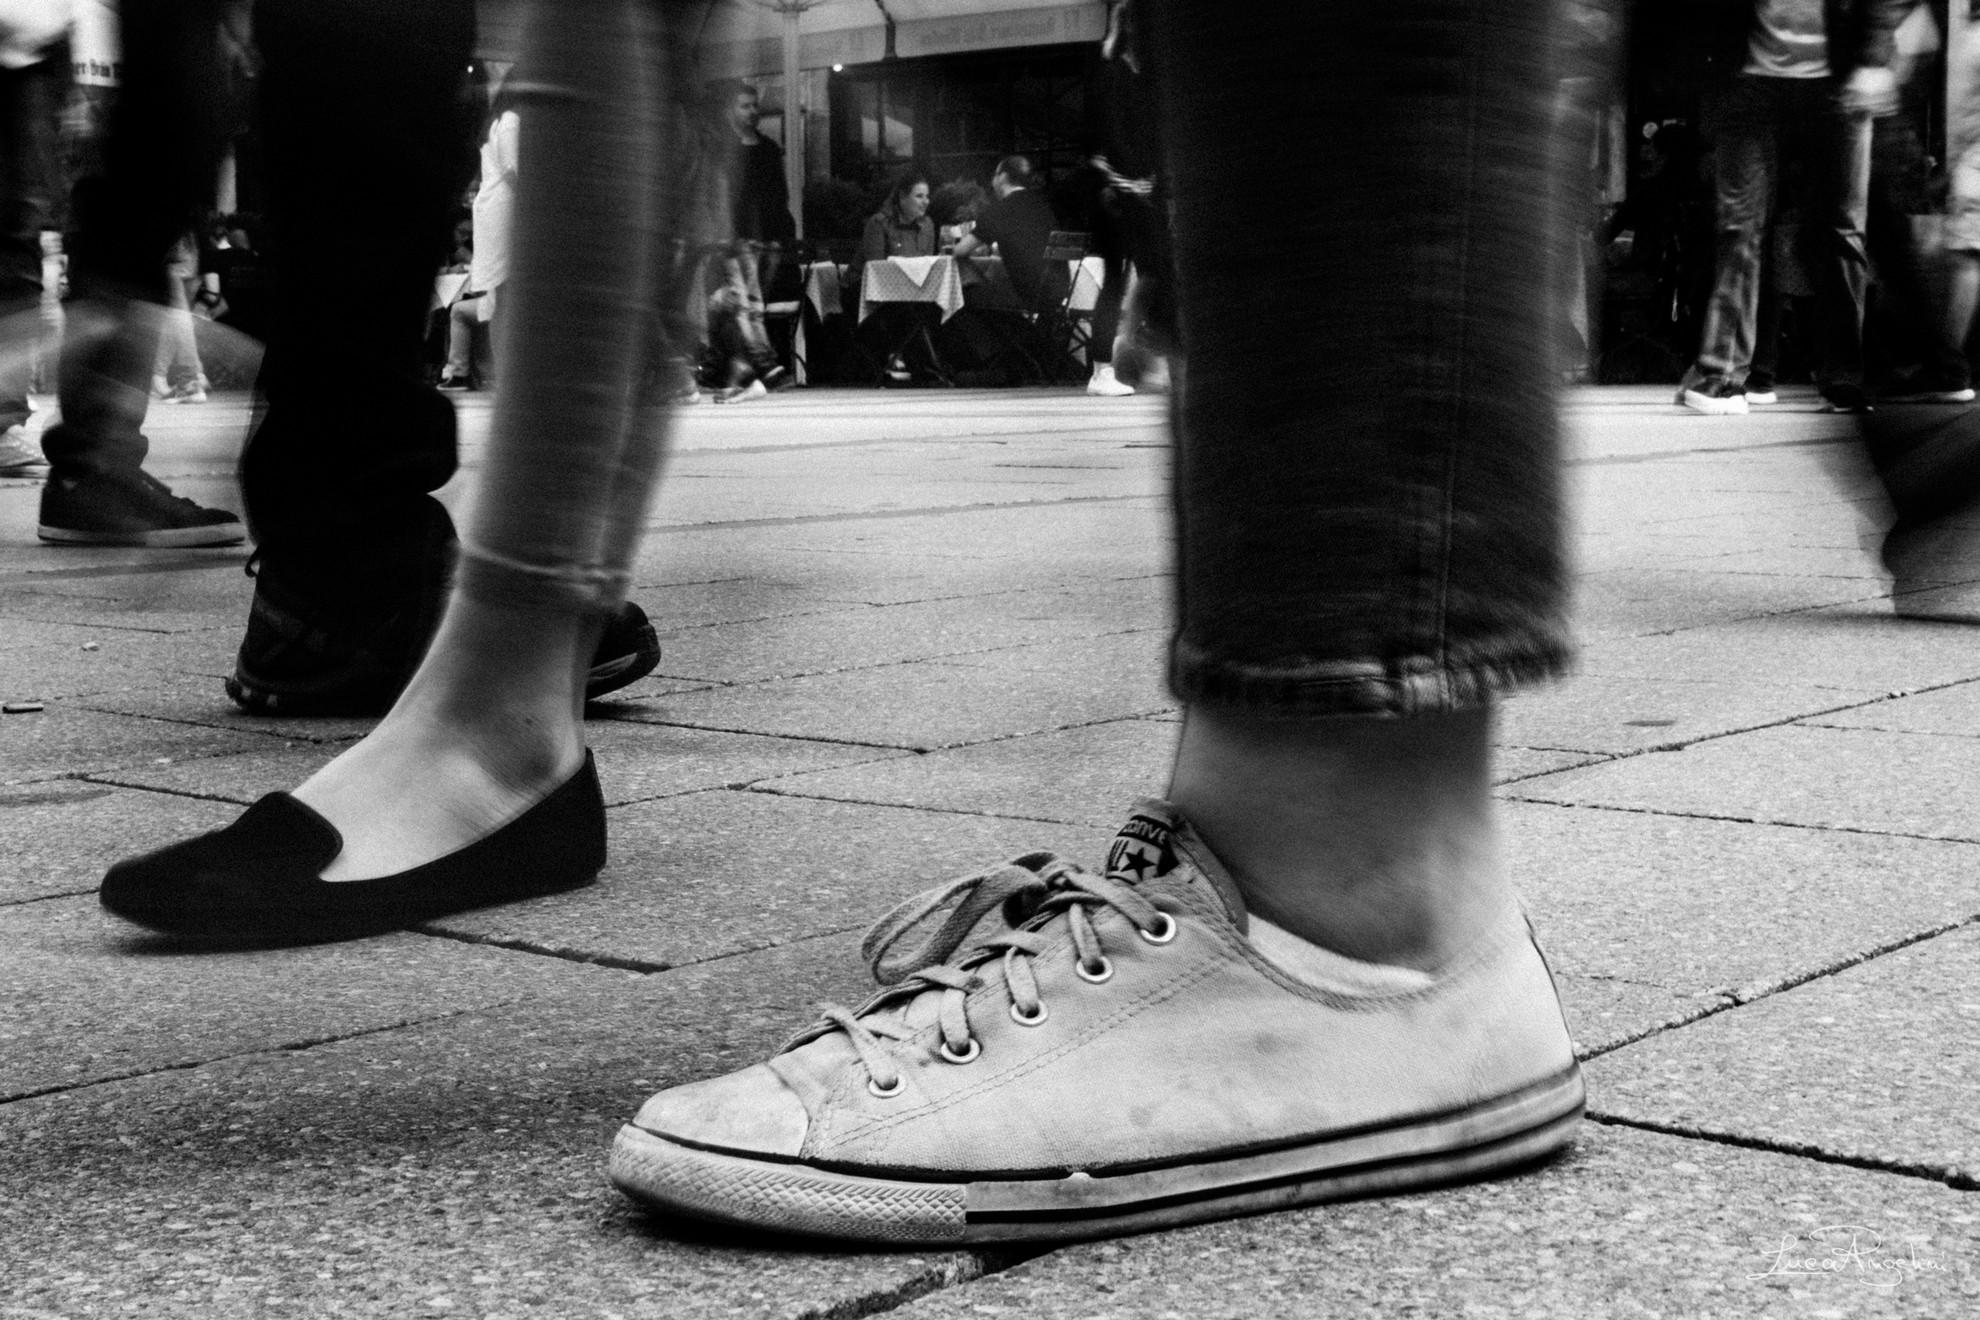 """- MONDO - CESARE CREMONINI """"... Ho visto un posto che mi piace si chiama Mondo, ci cammino, lo respiro, la mia vita è sempre intorno...""""⠀"""